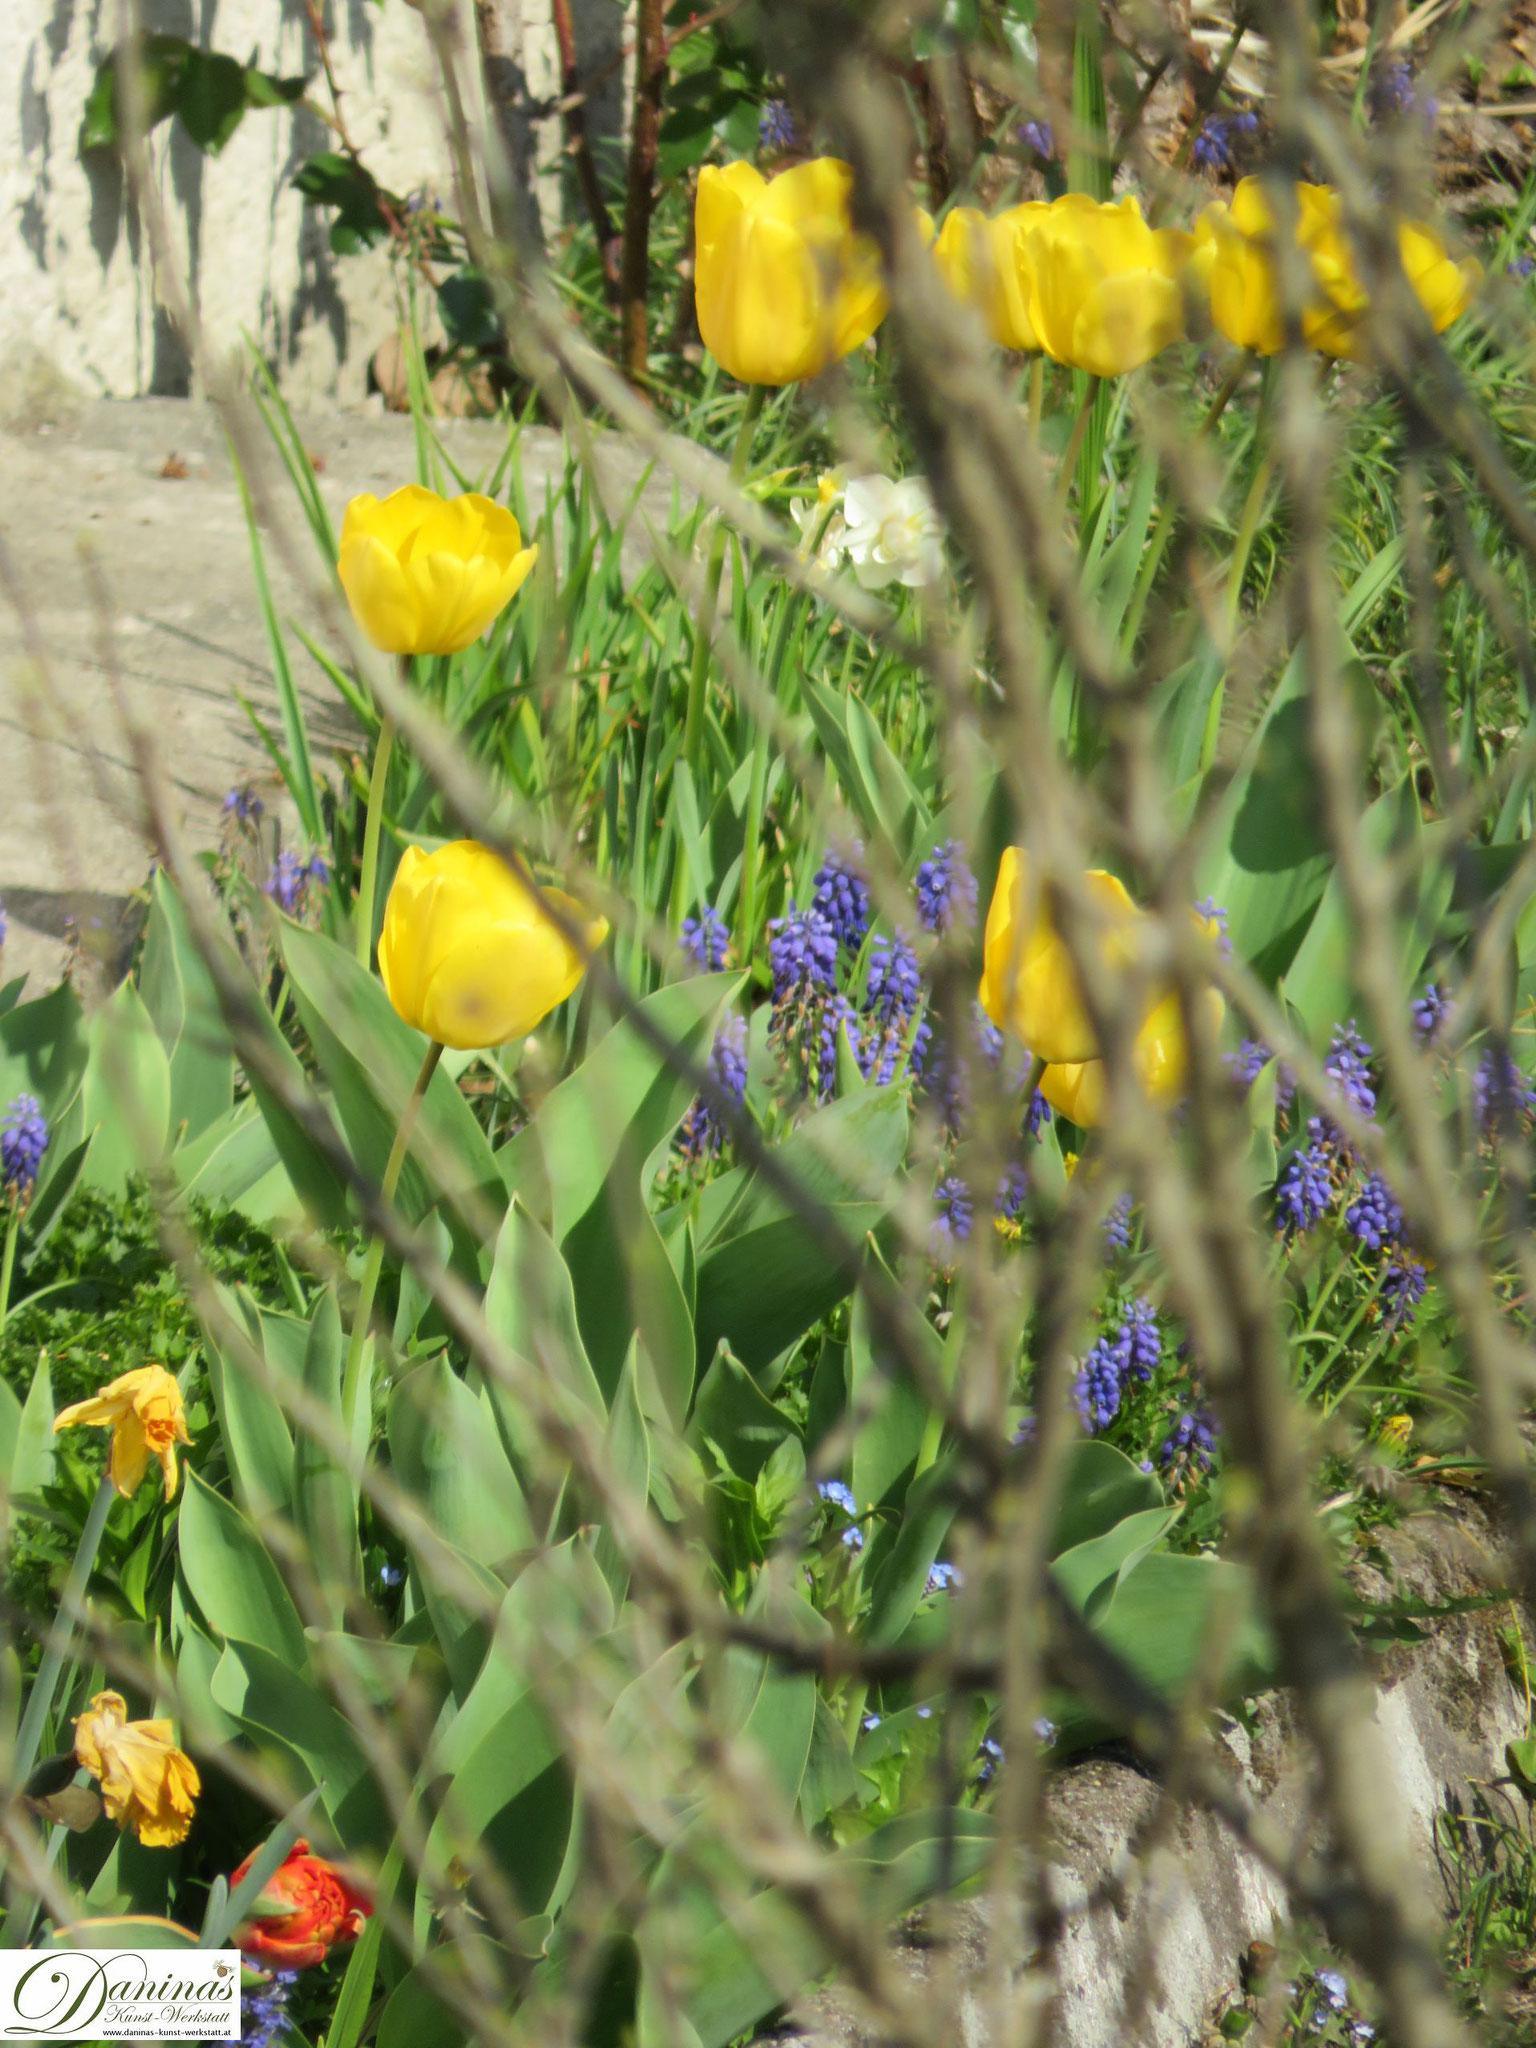 Garten im Frühling - Frühlingsblumen im Beet. Gelbe Tulpen und Traubenhyazinthen